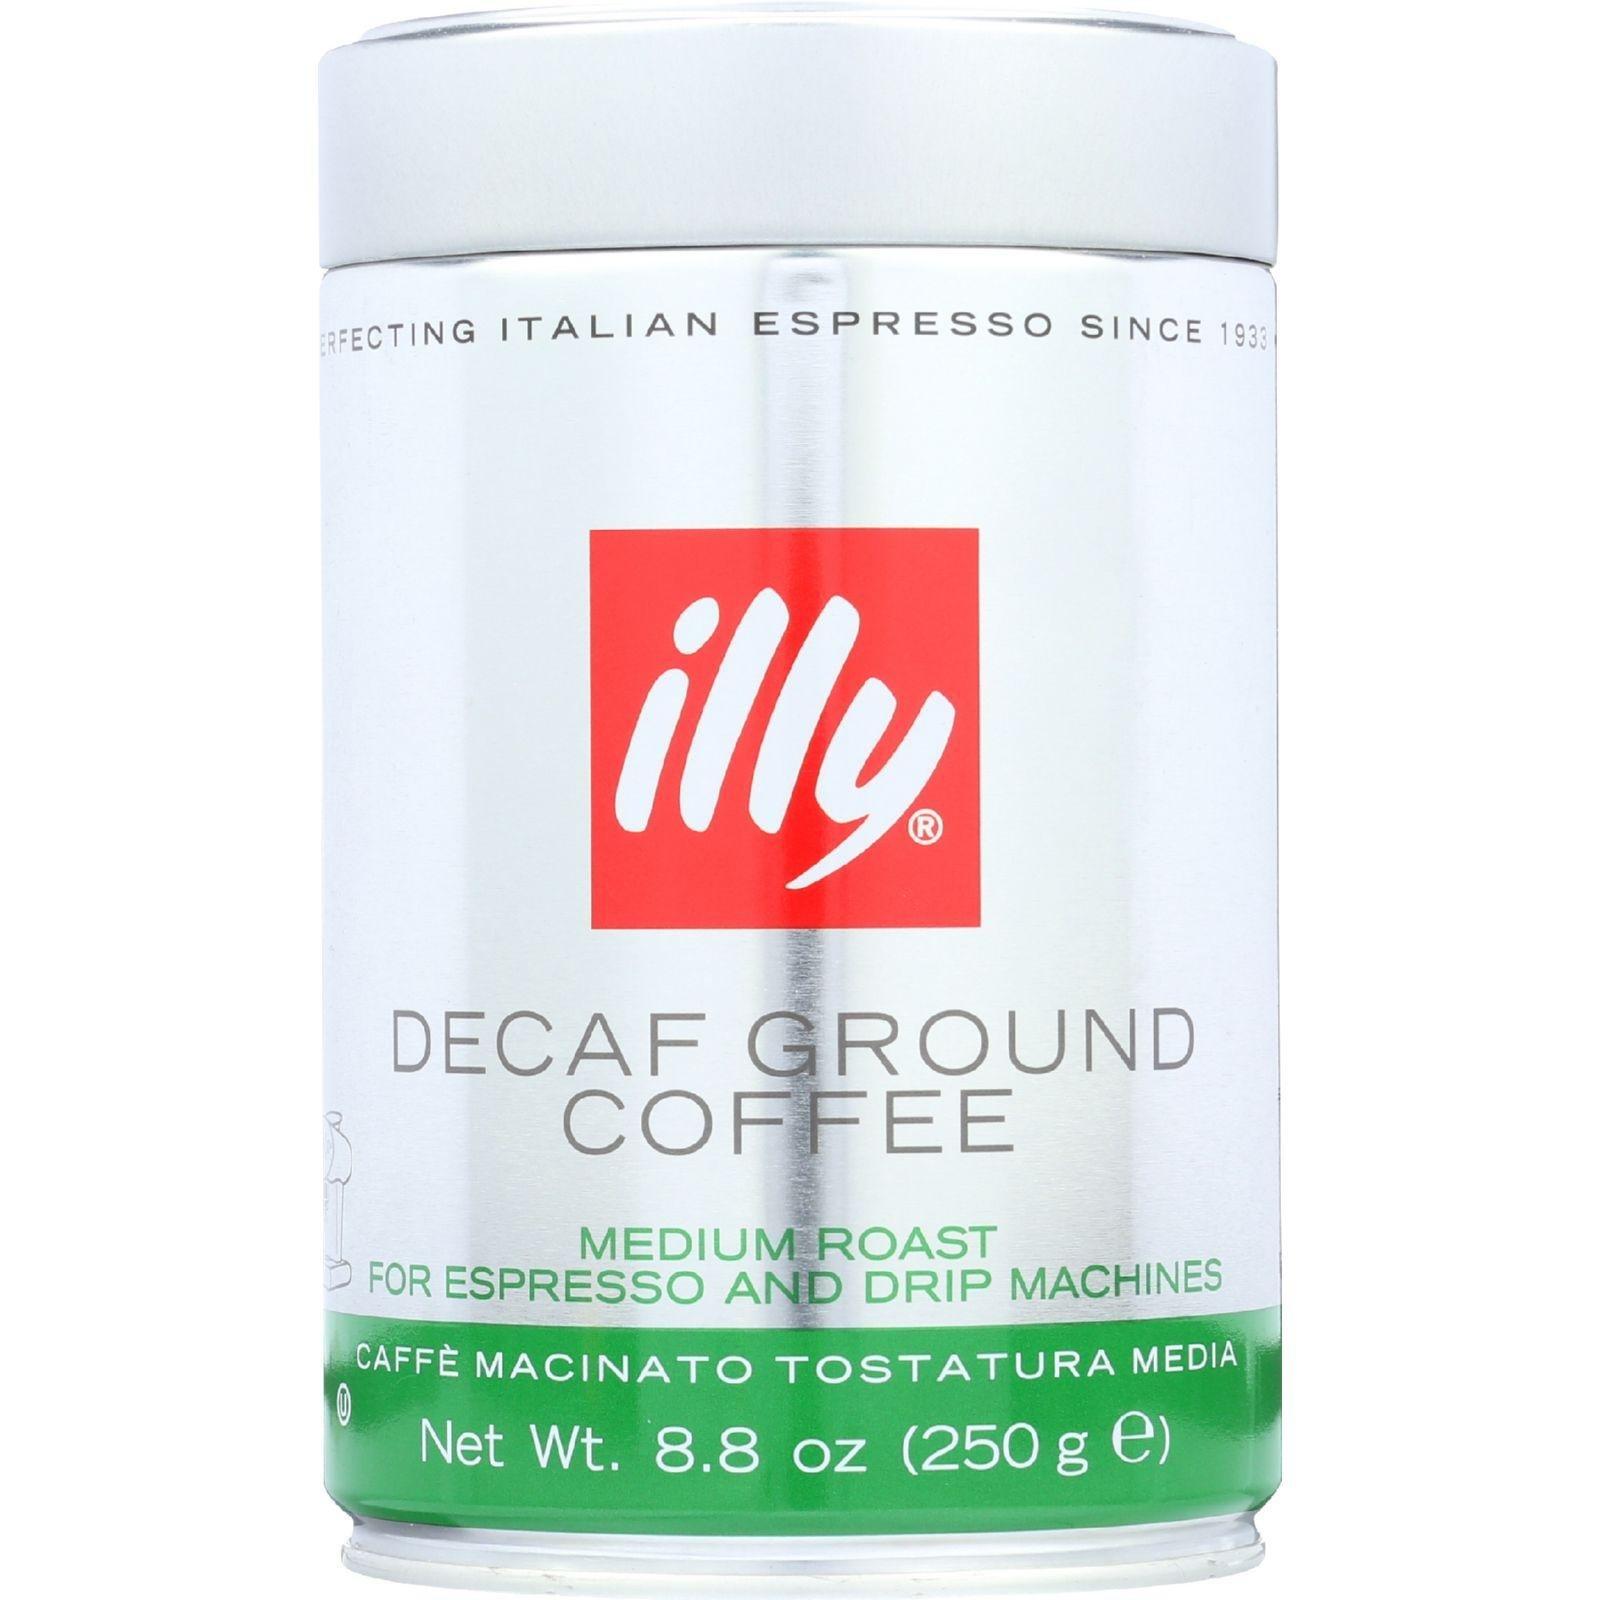 Illy Caffe Coffee Coffee - Espresso and Drip - Ground - Medium Roast - Decaf - 8.8 oz - case of 6 -